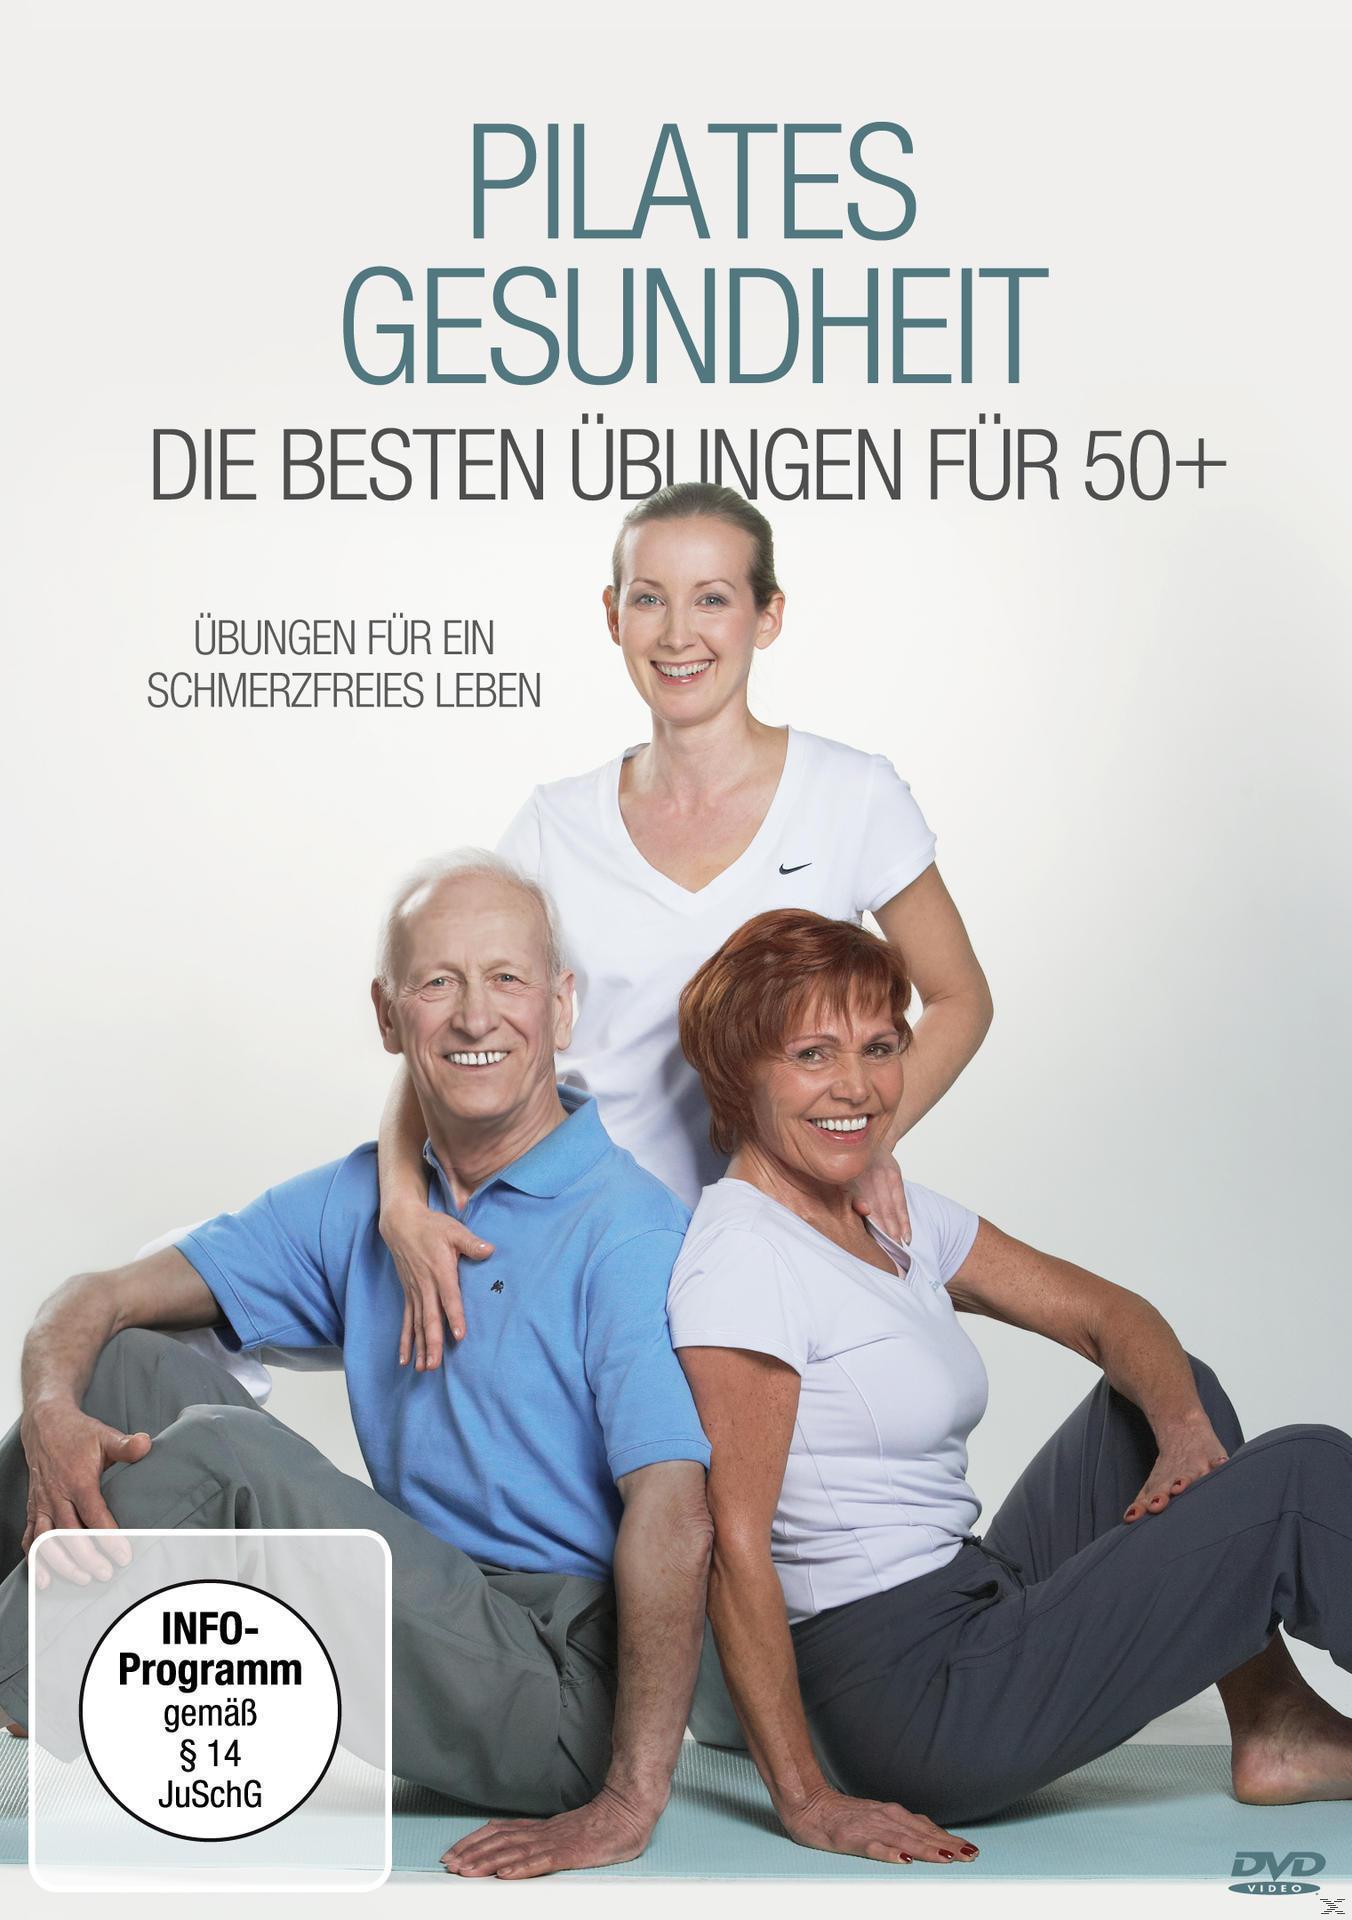 Pilates Gesundheit - Die besten Übungen für 50+ (DVD) für 9,74 Euro